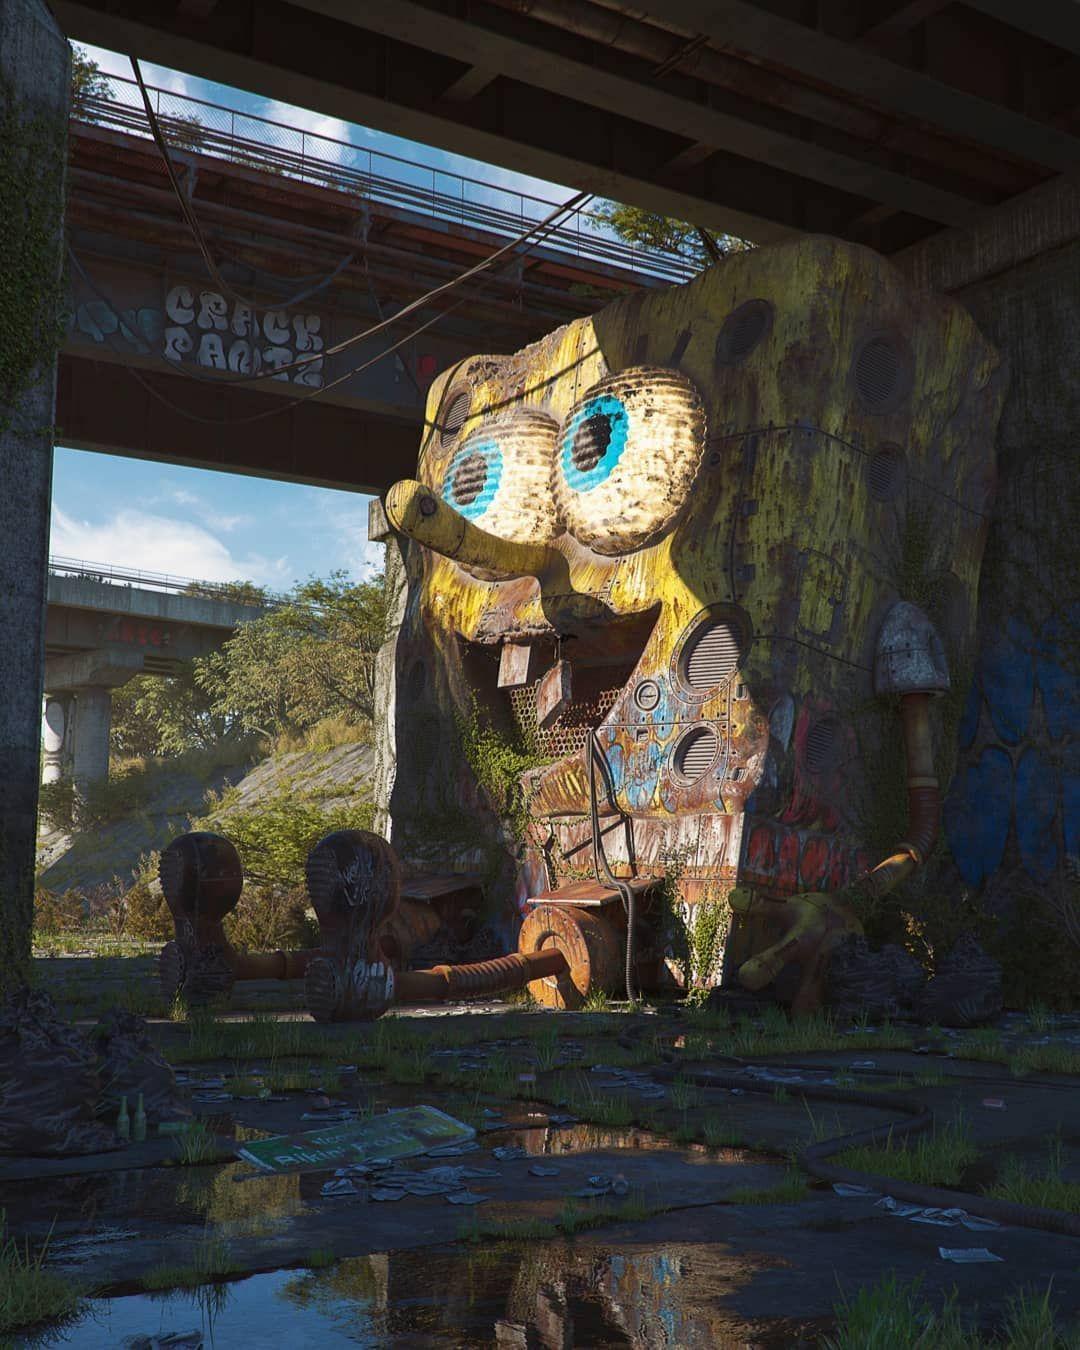 Artista visualiza futuro distópico, onde os ícones da cultura pop se tornaram ruínas antigas